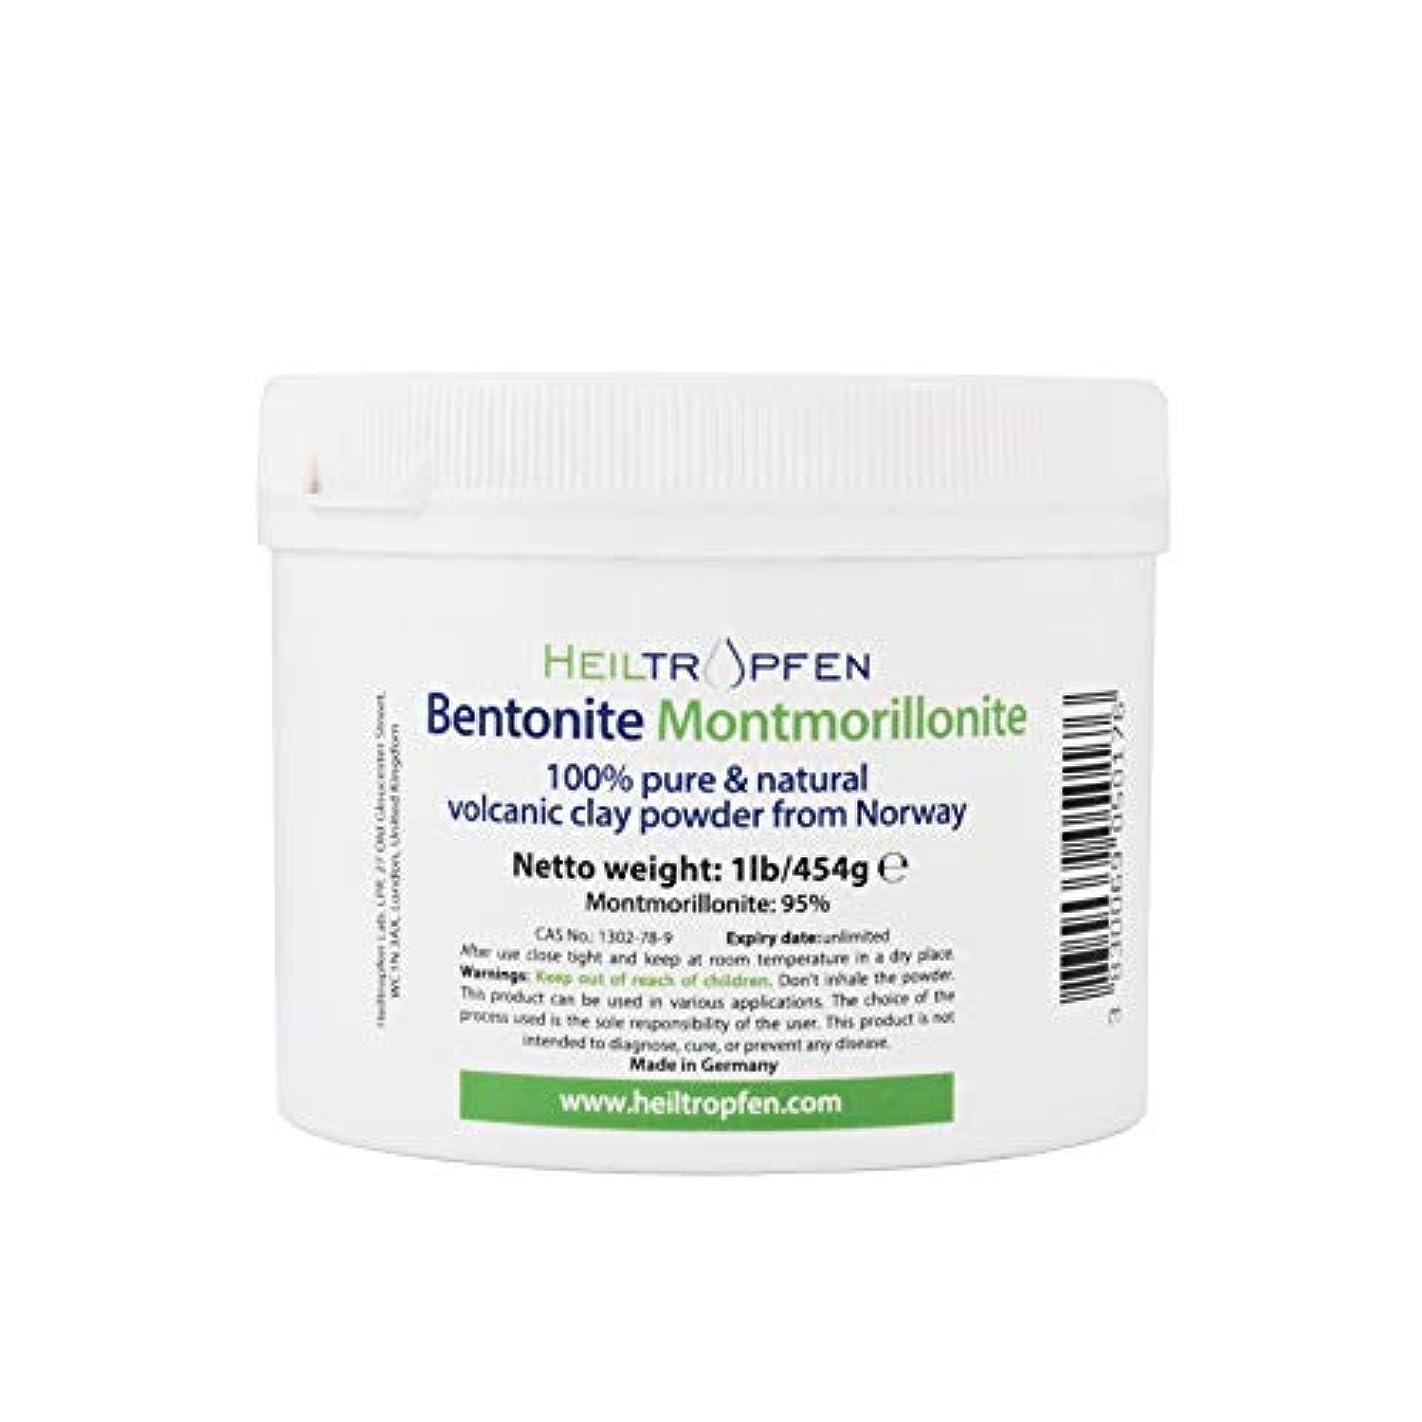 包括的革命的疑問を超えてベントナイトモンモリロナイトパウダー、1lb-454g、ウルトラファイン、モンモリロナイト含有量:95%、天然ミネラルダスト。bentonite